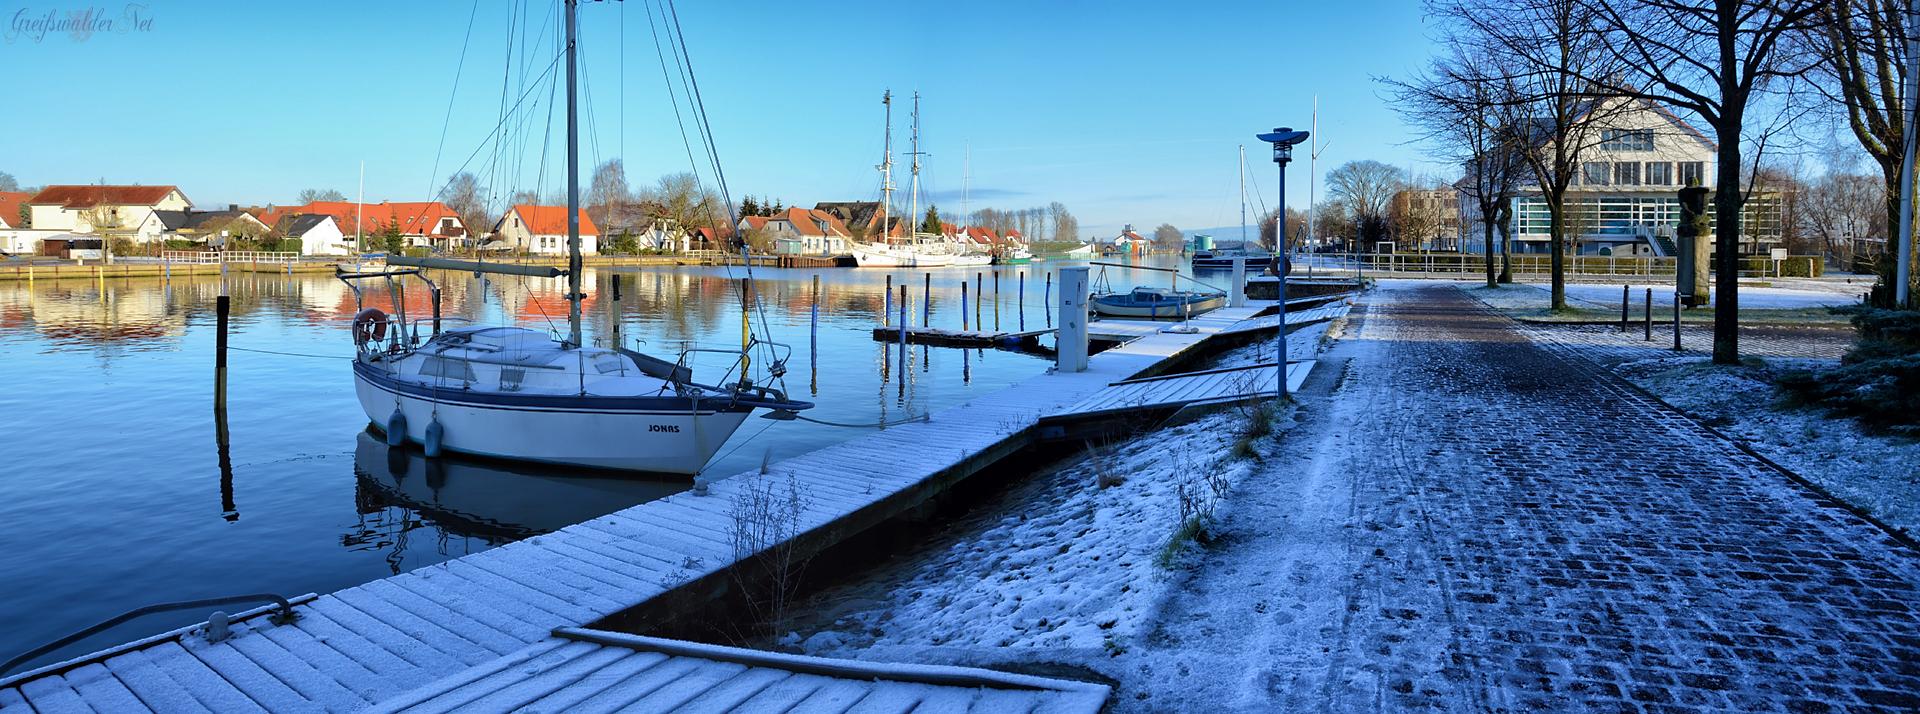 Winterstimmung in Greifswald-Wieck